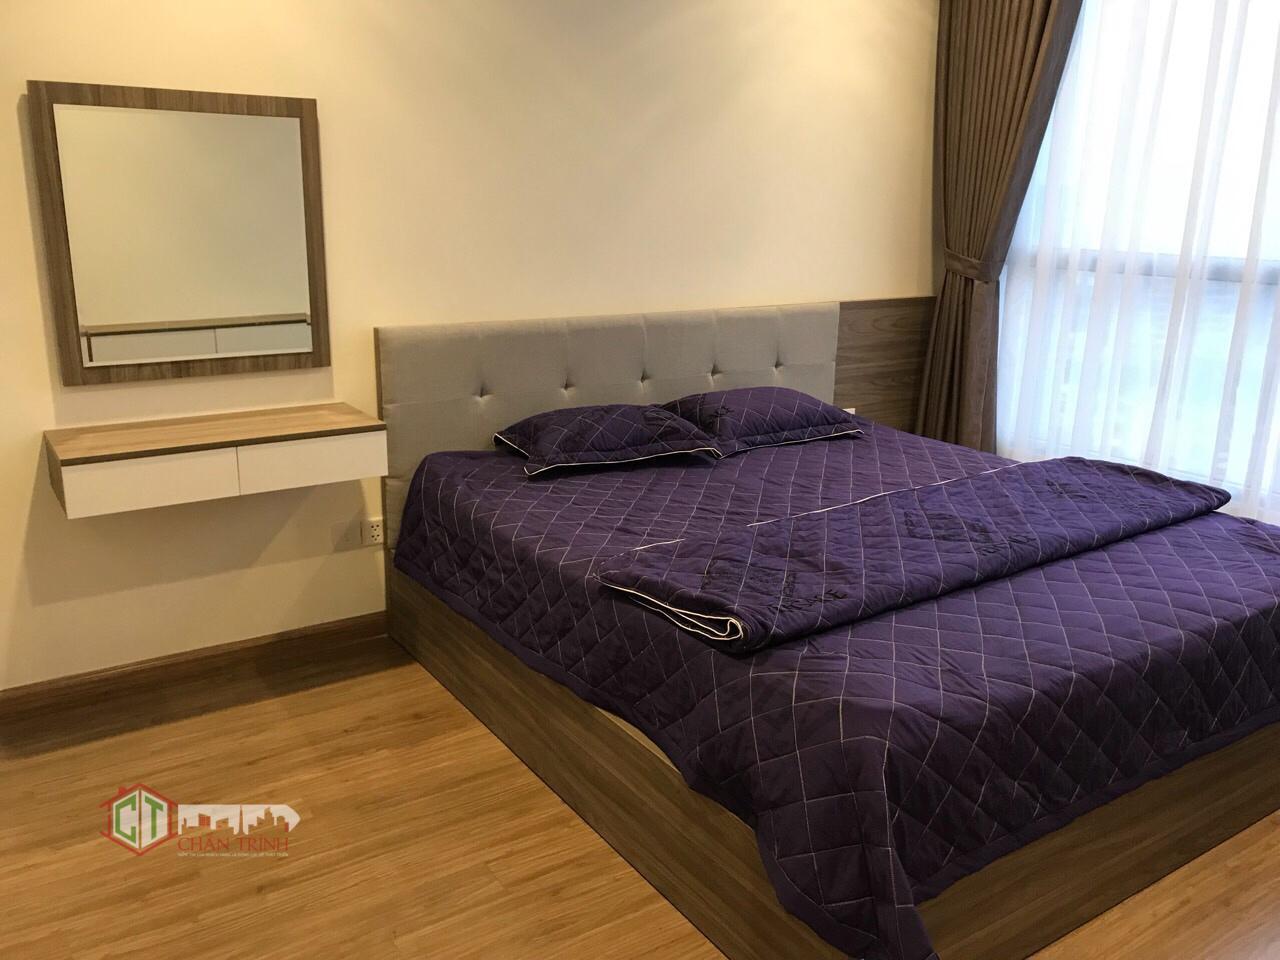 Phòng ngủ lớn căn hộ 3 phòng ngủ Vinhomes Central Park